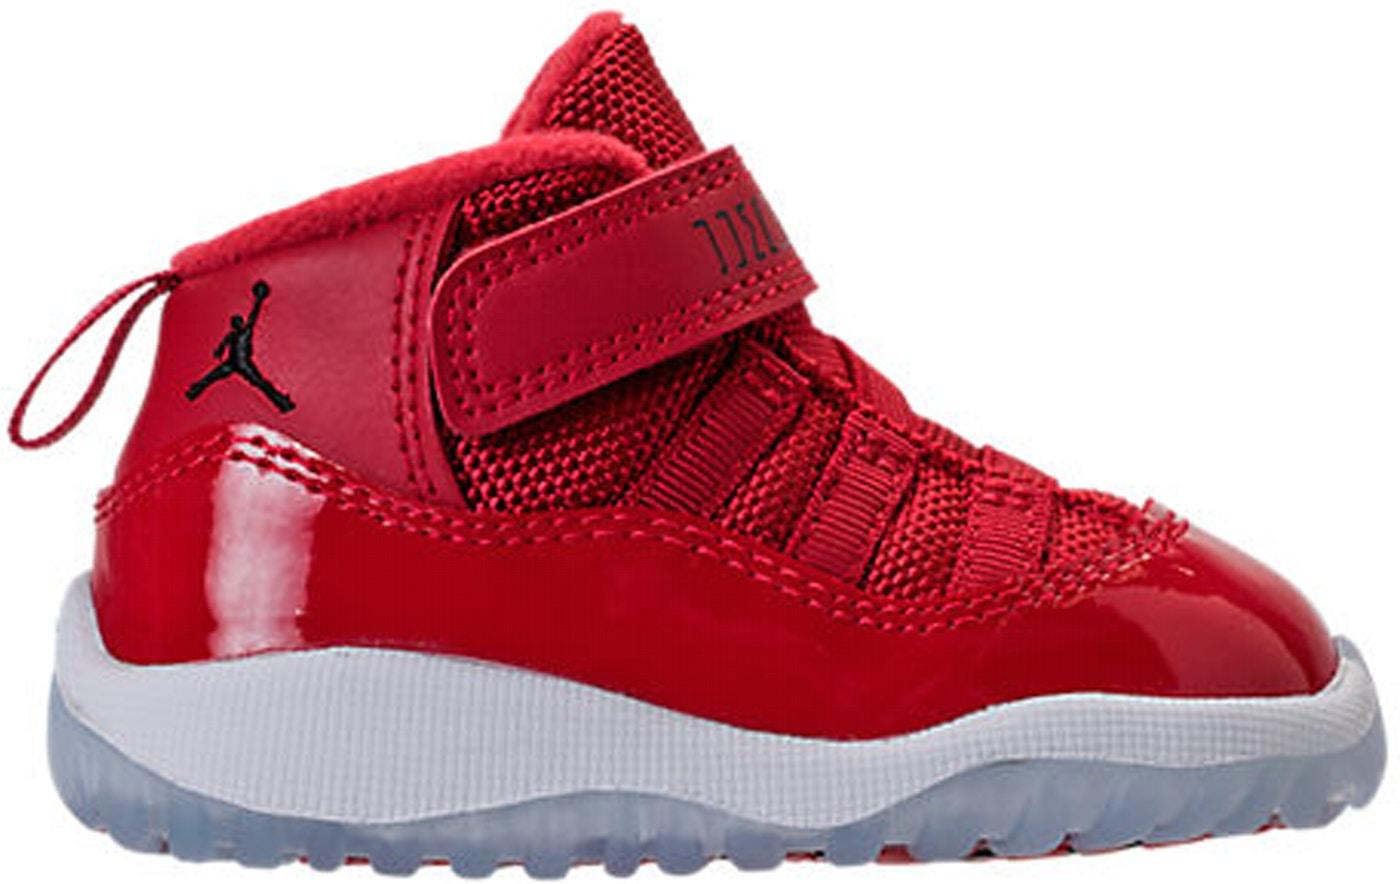 Jordan 11 Retro Win Like 96 (TD)